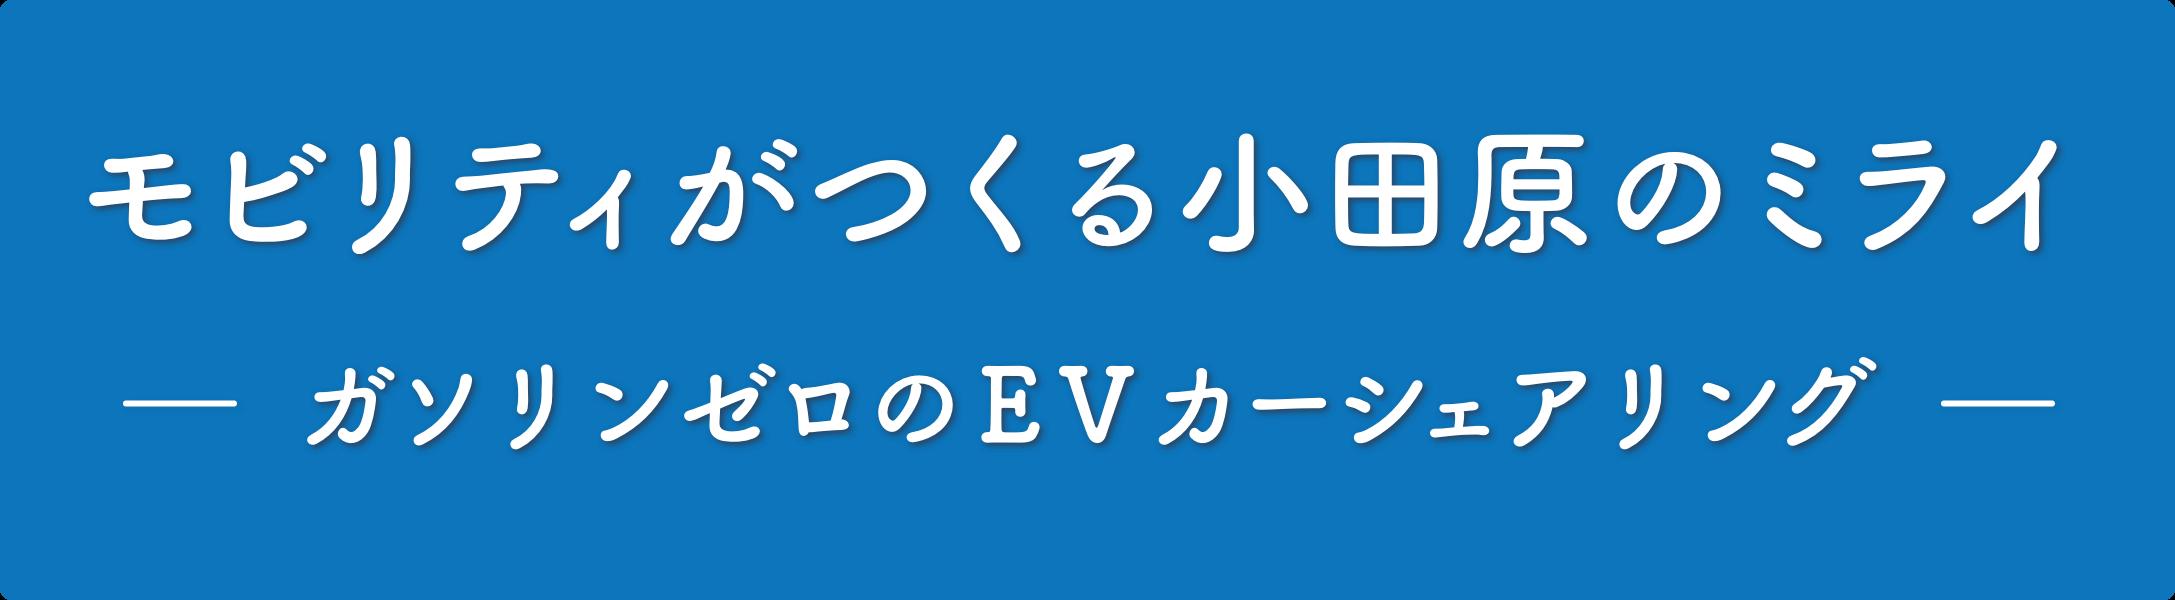 モビリティがつくる 小田原のミライ ガソリンゼロのEVカーシェアリング eemo(イーモ)